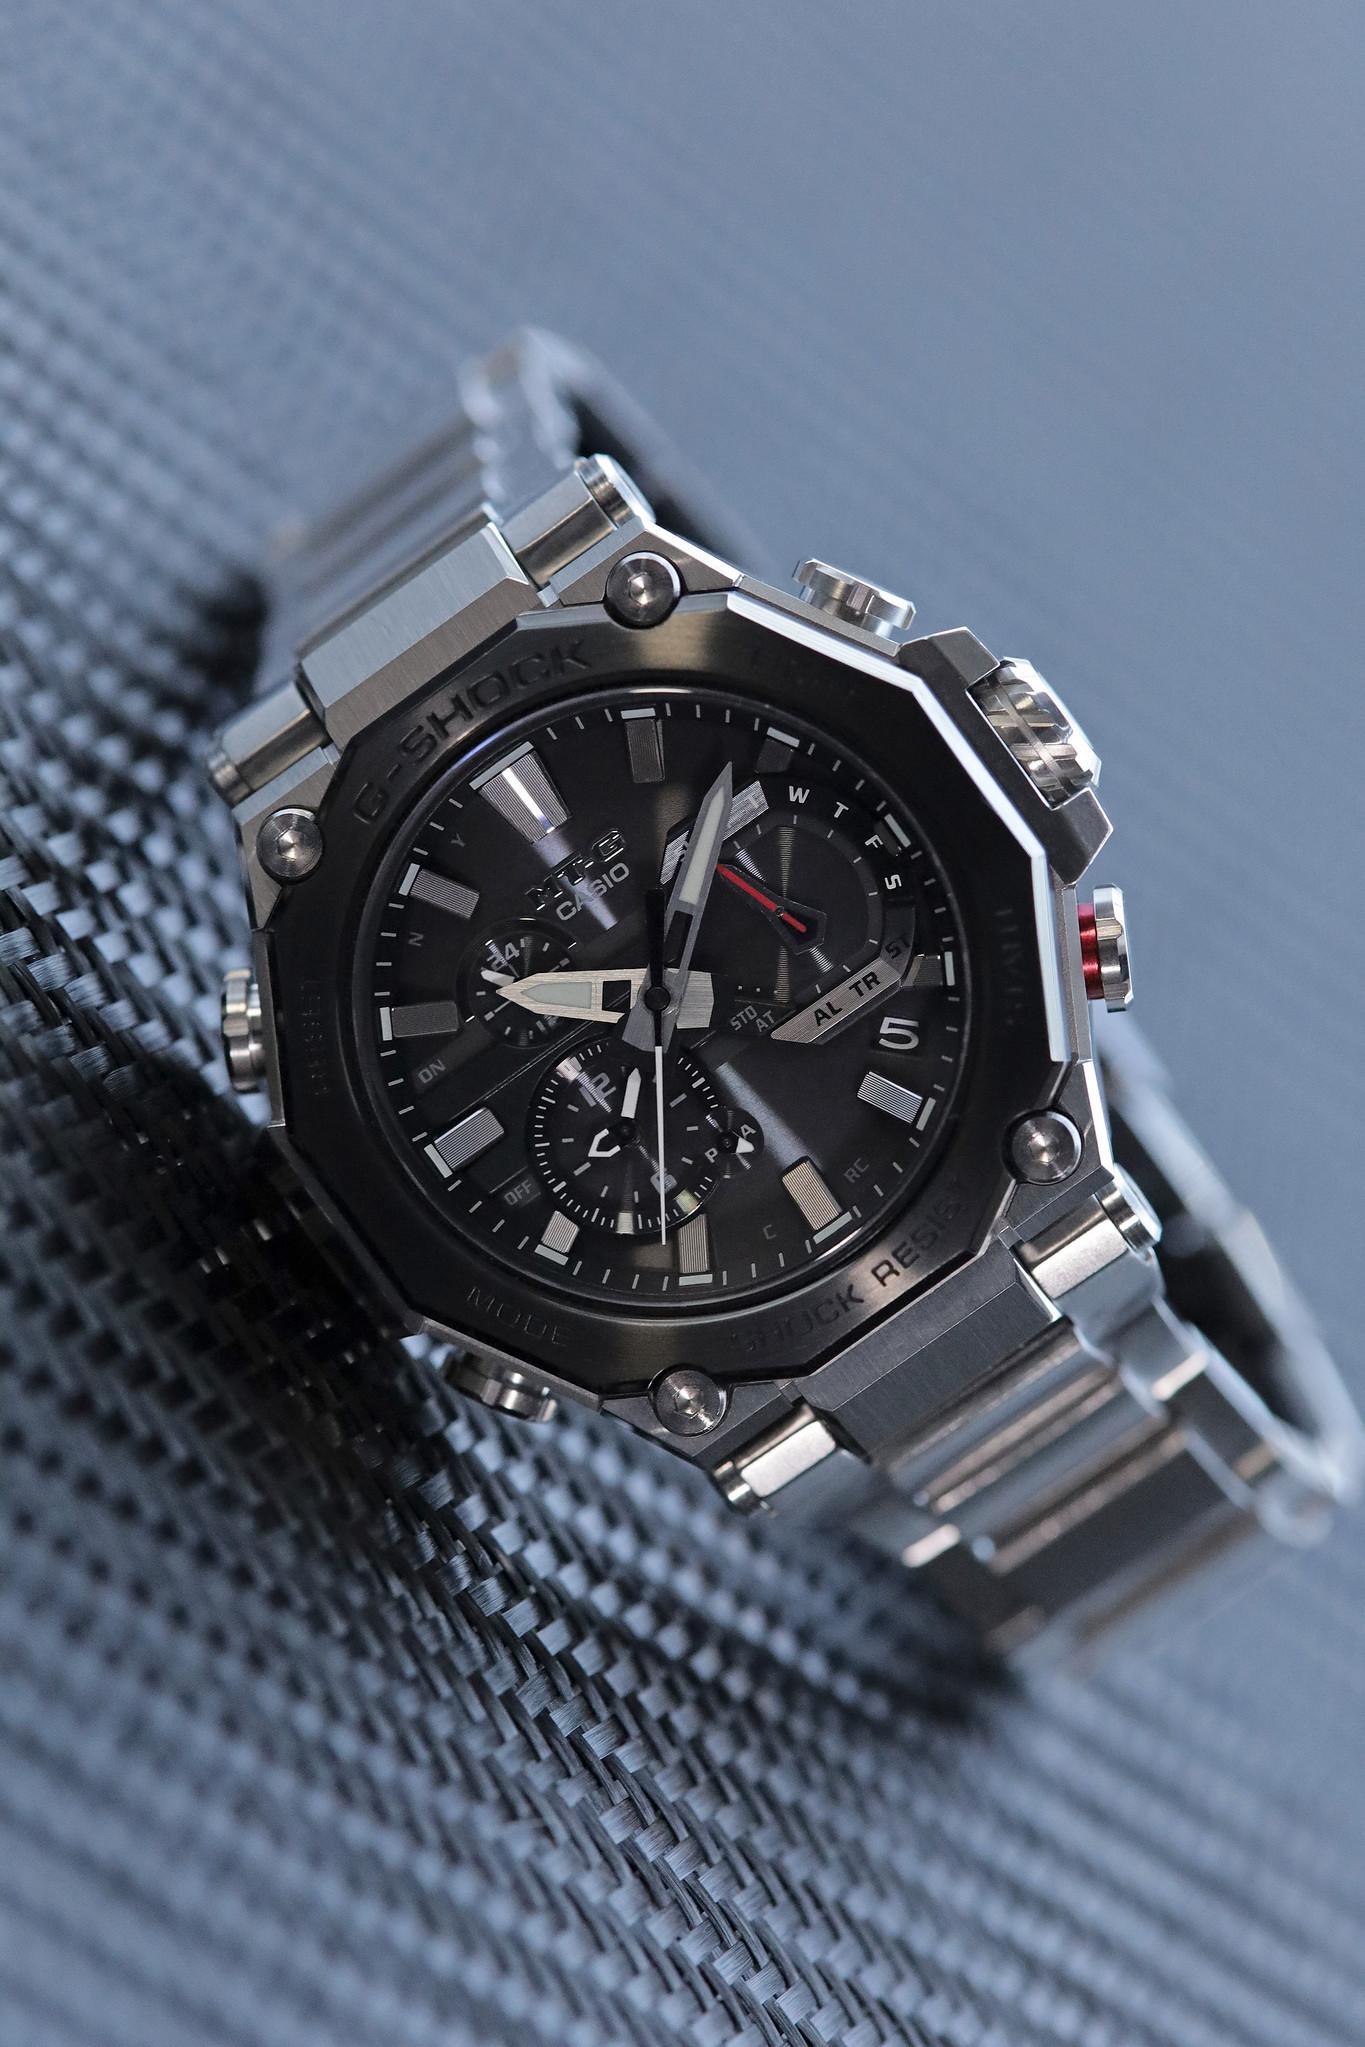 G-Shock MT-G MTGB2000D-1A